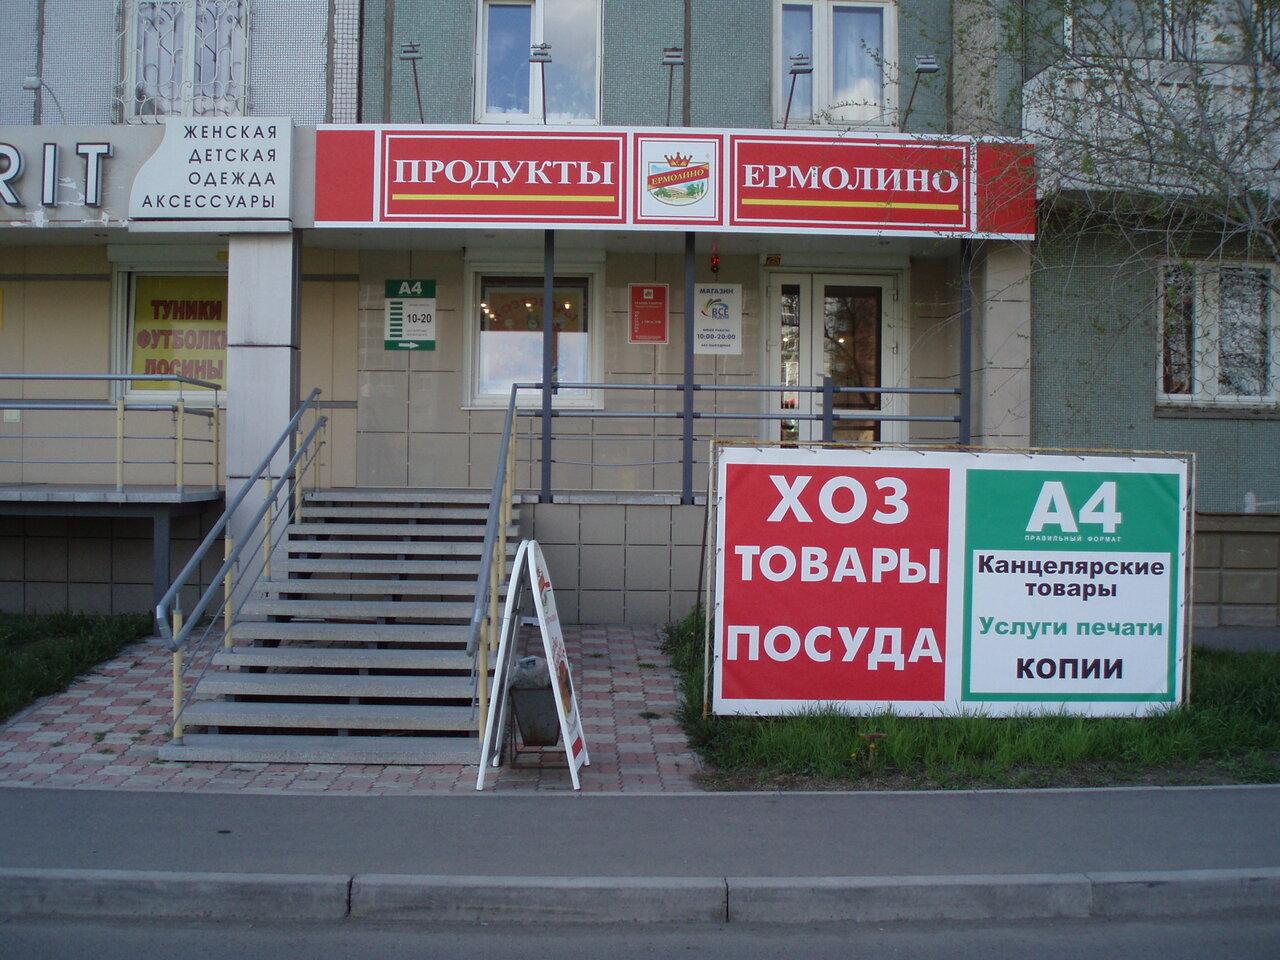 Адреса Магазинов 4